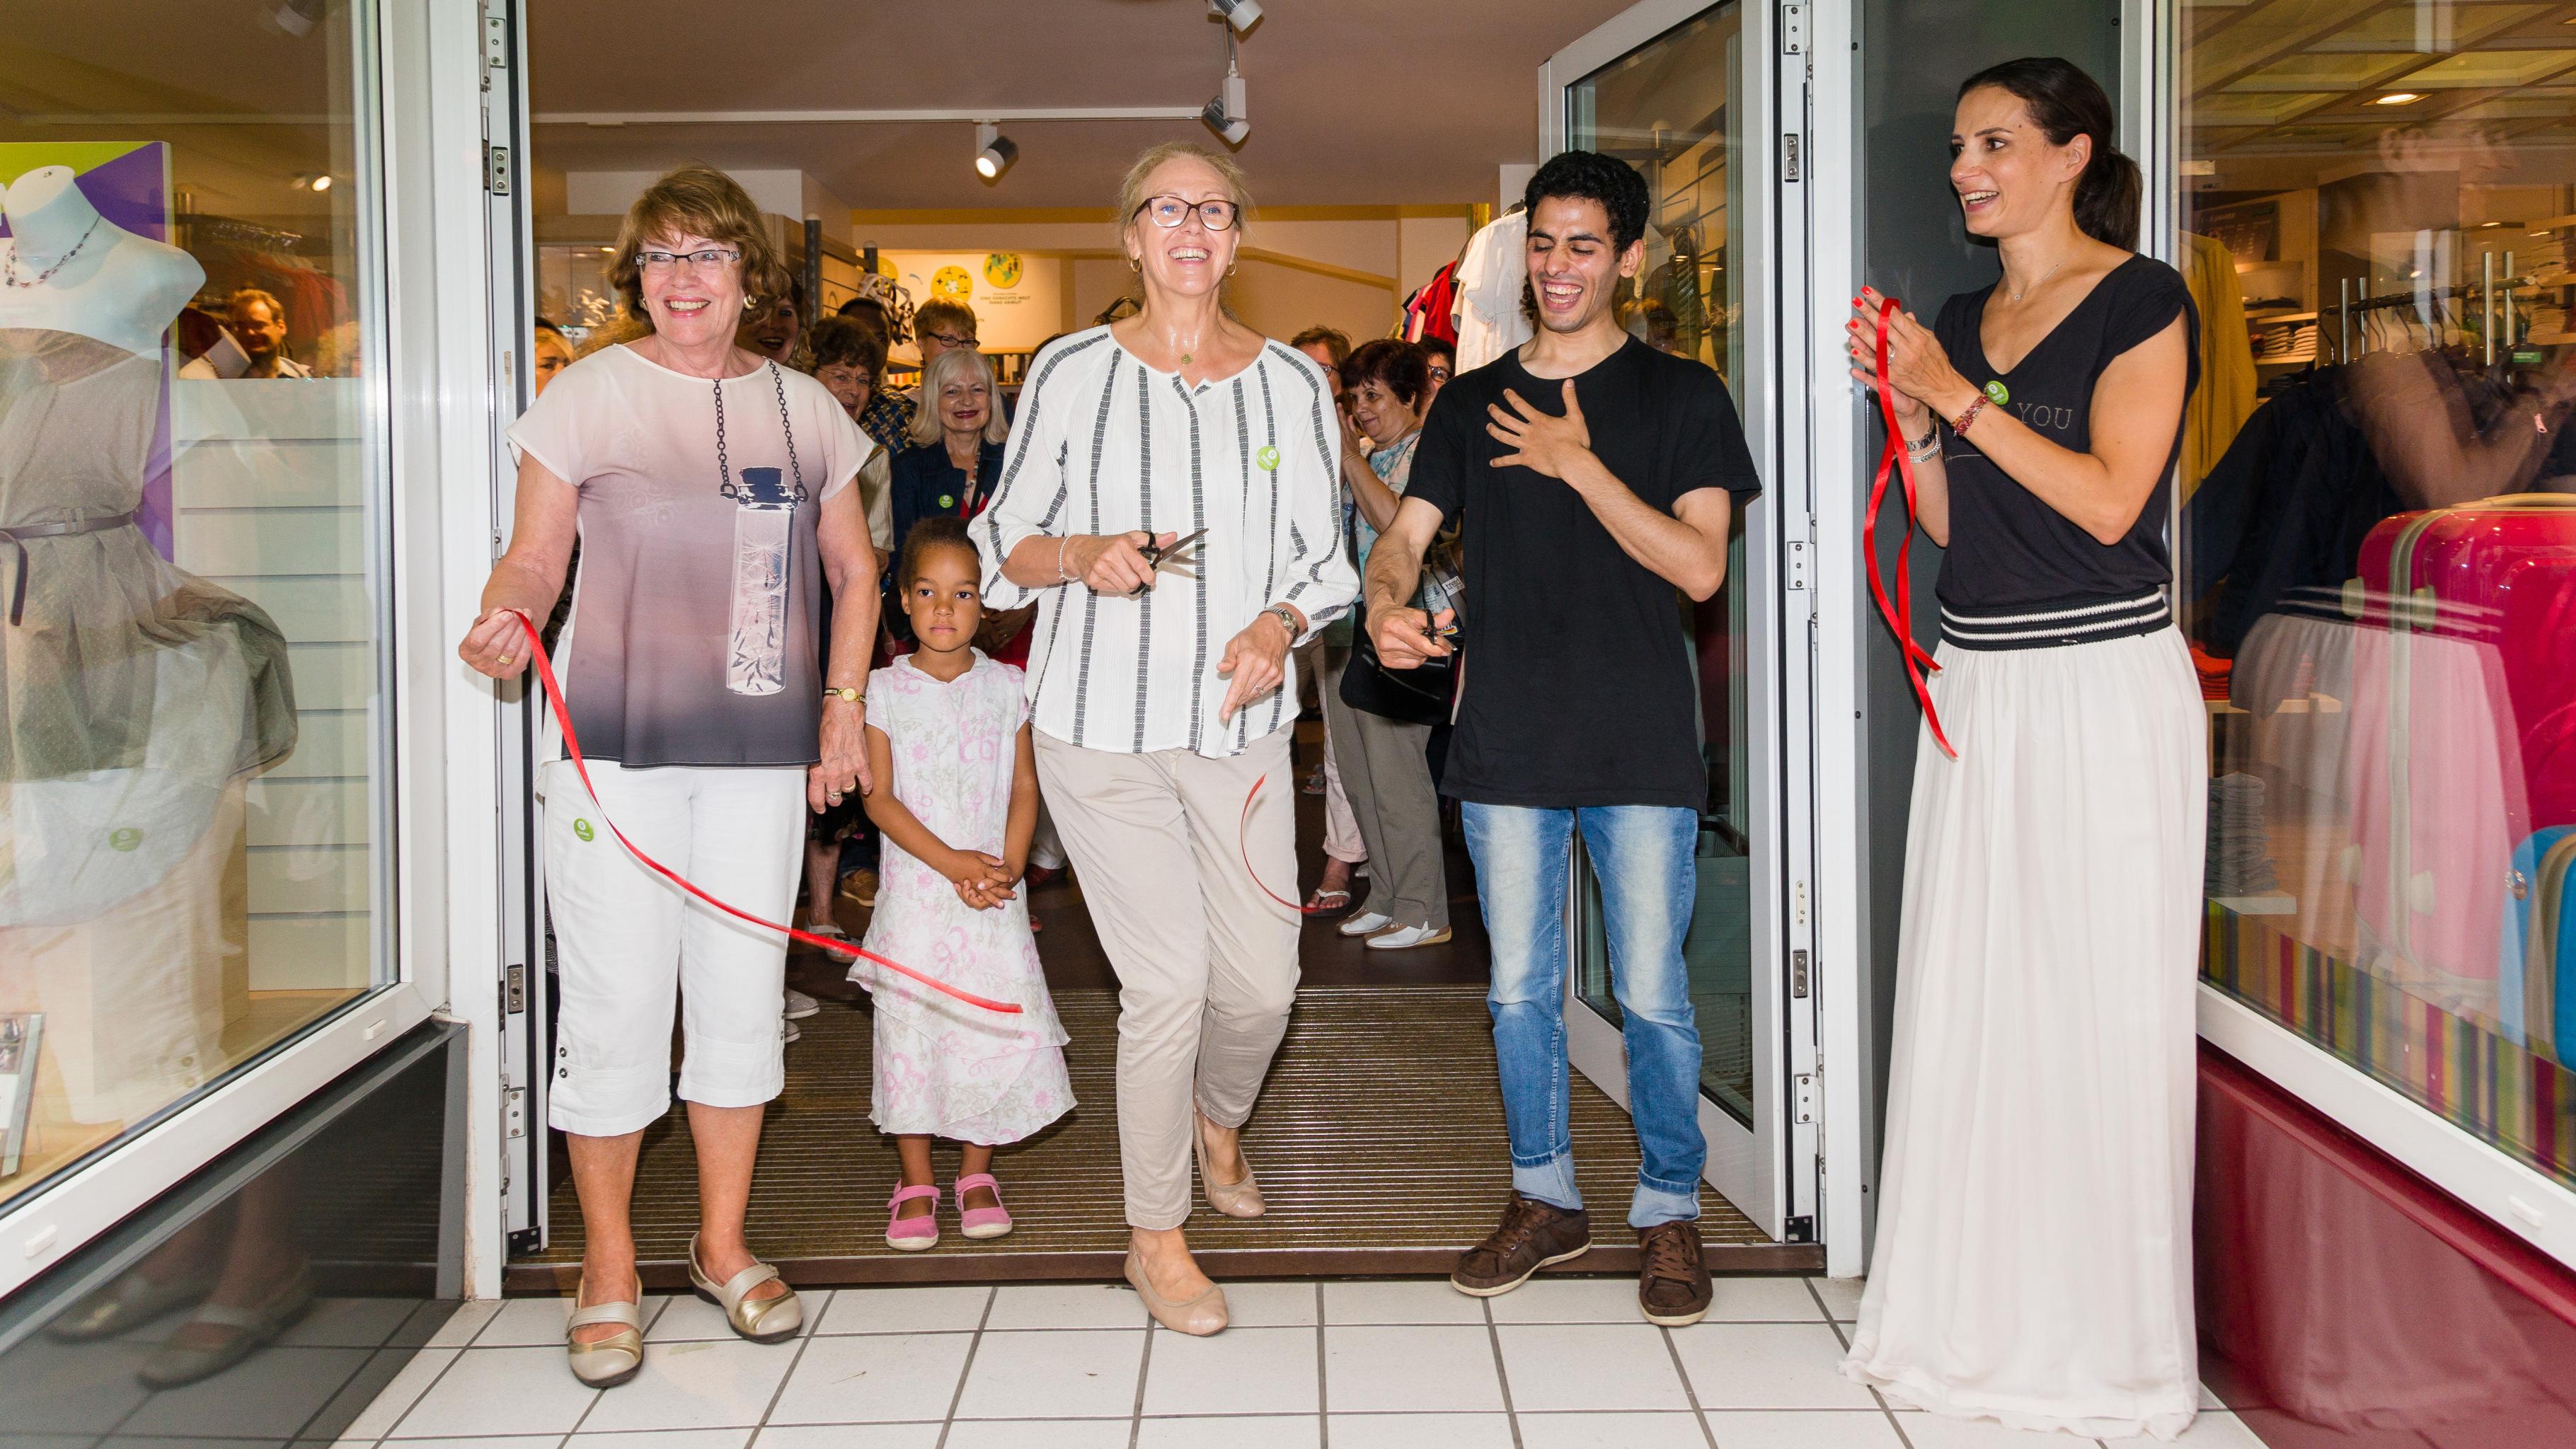 Oxfam Shop Frankfurt-Nordend - Marion Lieser (m) und Aeham Ahmad (2.v.r.) mit zwei Ehrenamtlichen bei der Eröffnung 2016